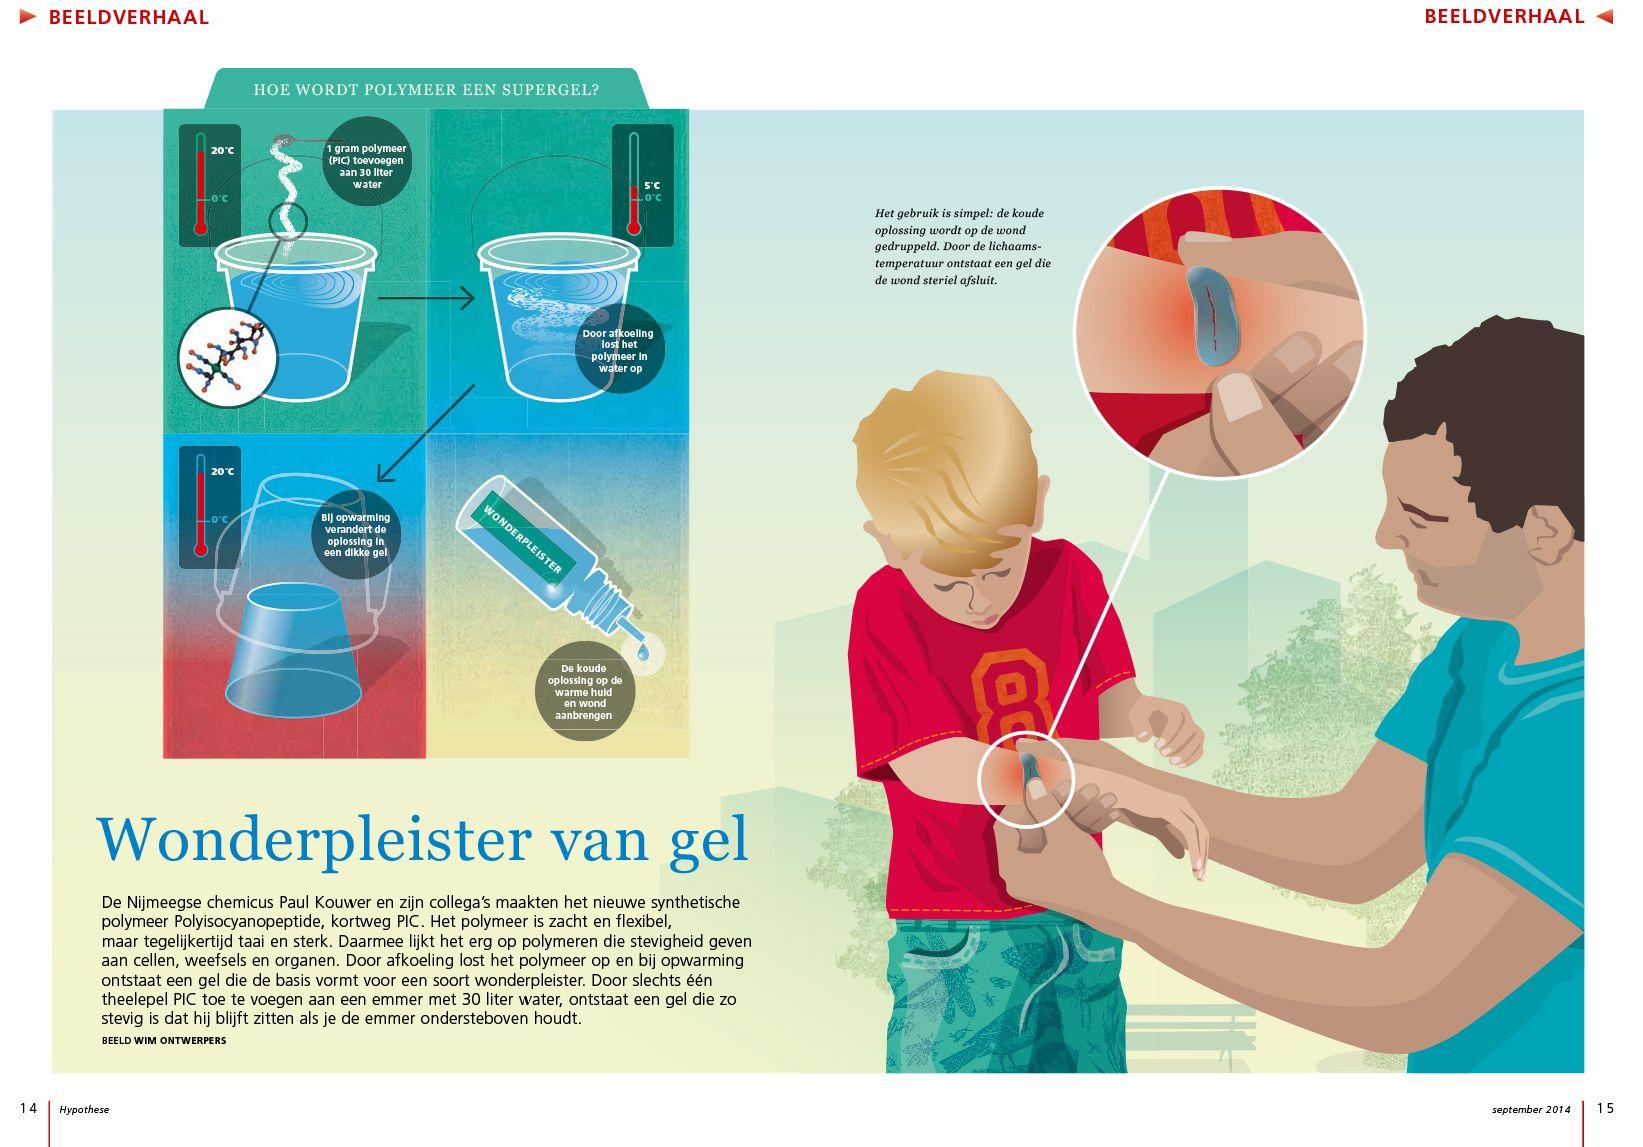 Illustratie voor het blad 'Hypothese' van NWO bij het artikel 'Wonderpleister van gel'.